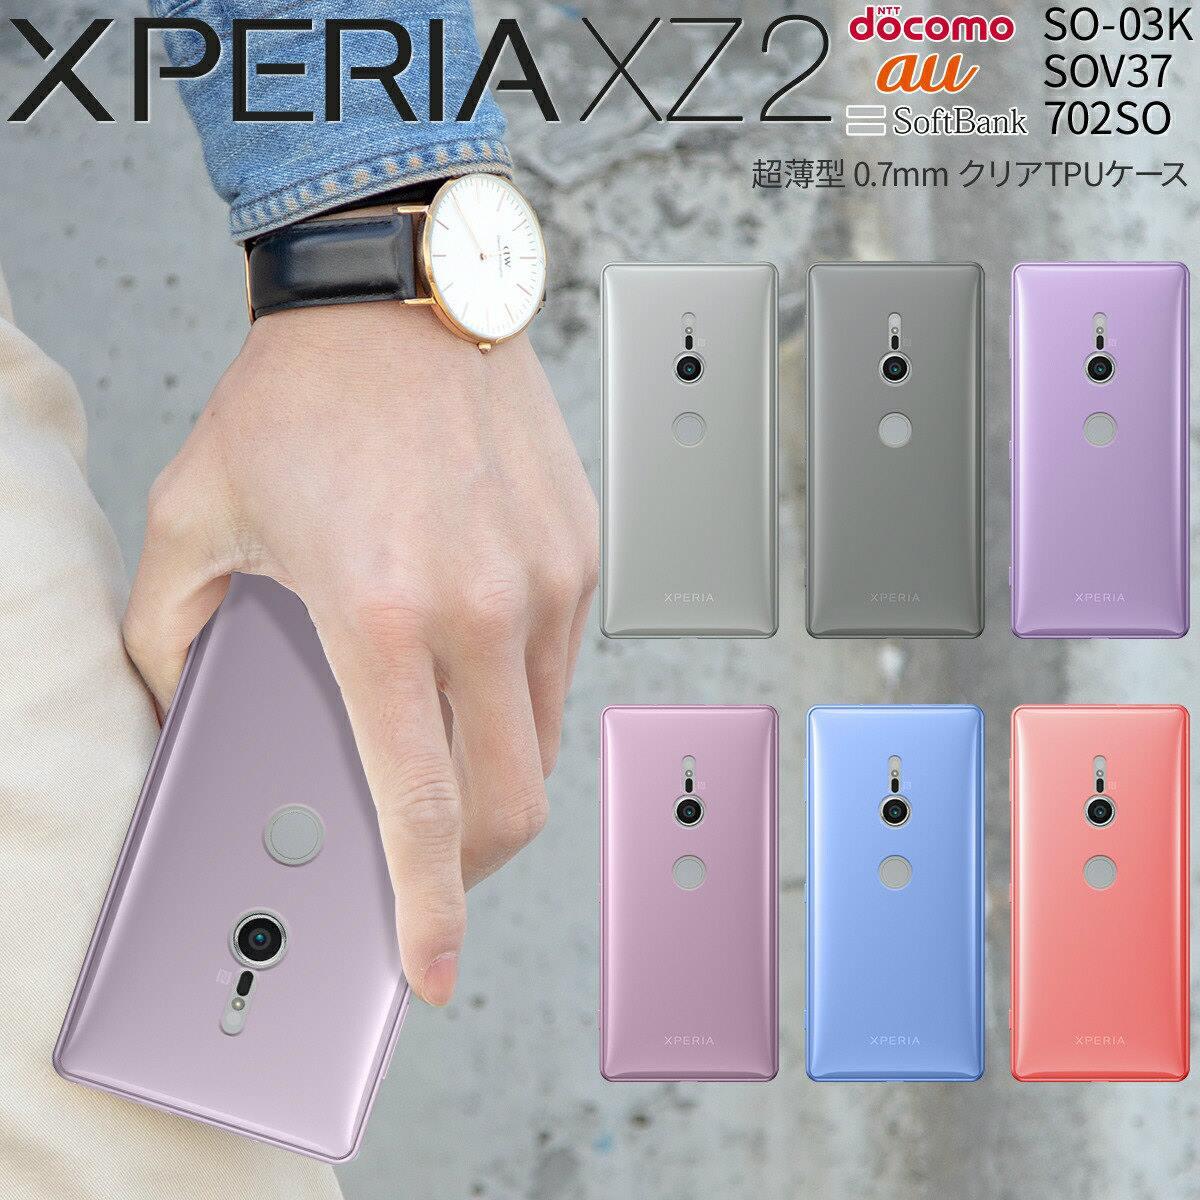 Xperia XZ2 TPU クリアケース | SO-03K SOV37 tpuケース ソフトケース ソフト スマホケース クリア エクスペリアxz2 xperiaxz2 エクスペリアxz2 カバー ケース 携帯ケース 送料無料 スマフォケース xz2 クリアケース 人気 おしゃれ かっこいい docomo